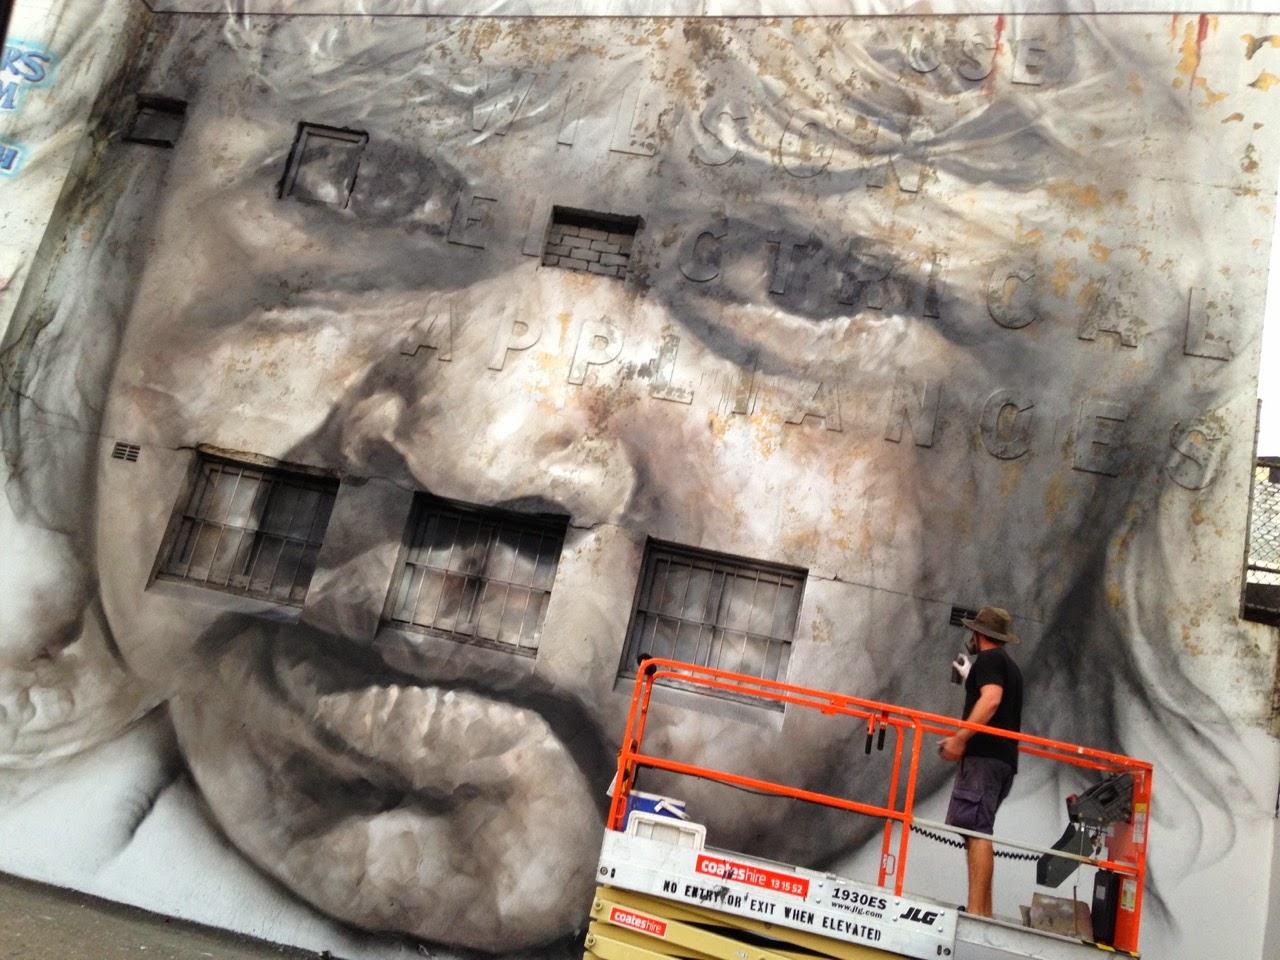 Guido Van Helten unveils a new portrait in Redfern, Australia (3)